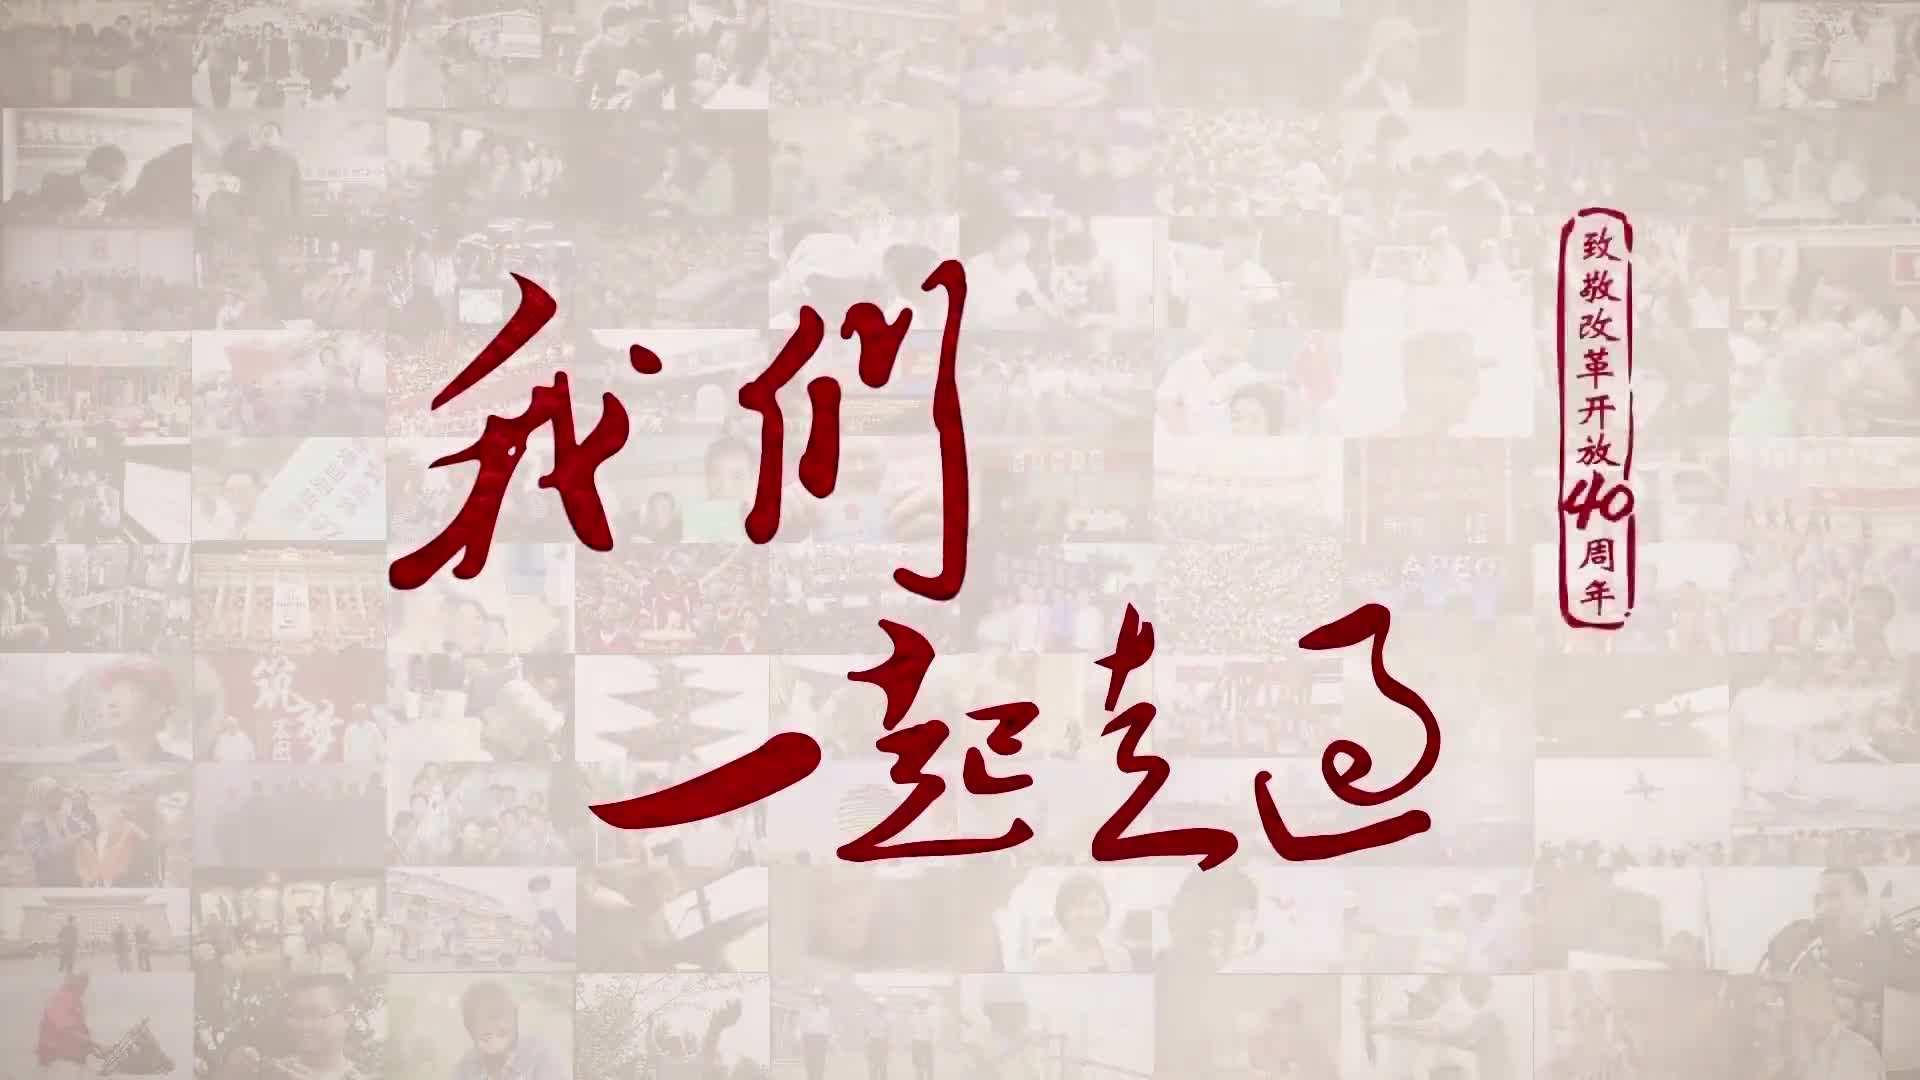 4分钟速览:大型电视纪录片《我们一起走过》第十一集、第十二集